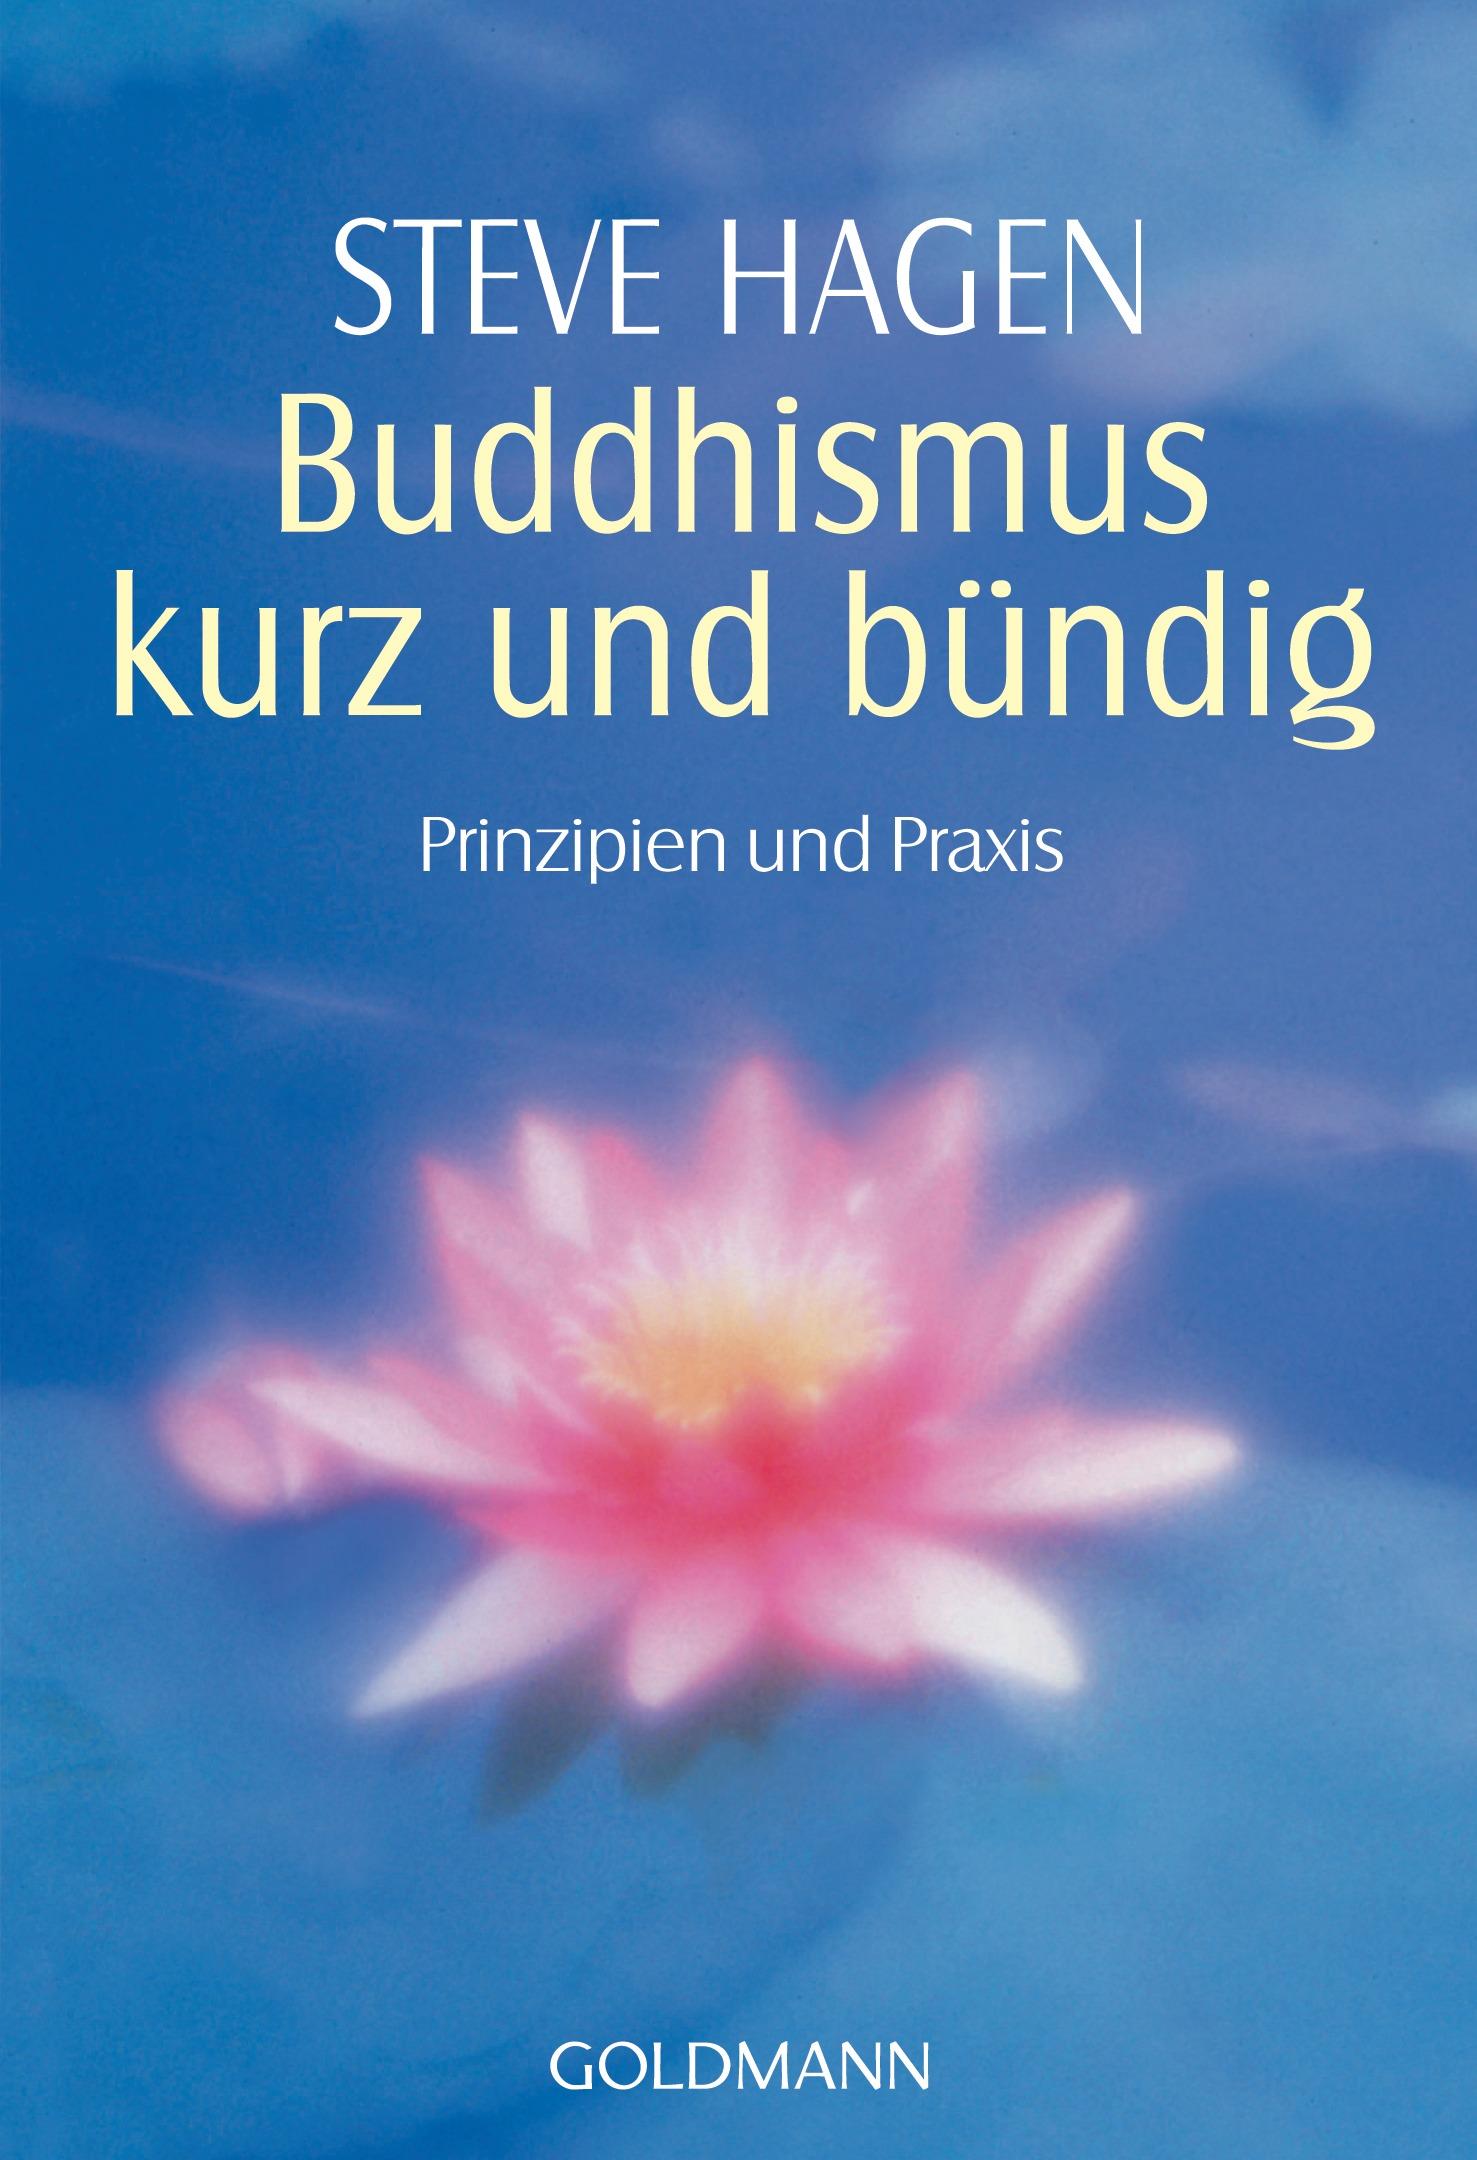 Buddhismus kurz und bündig: Prinzipien und Praxis - Steve Hagen